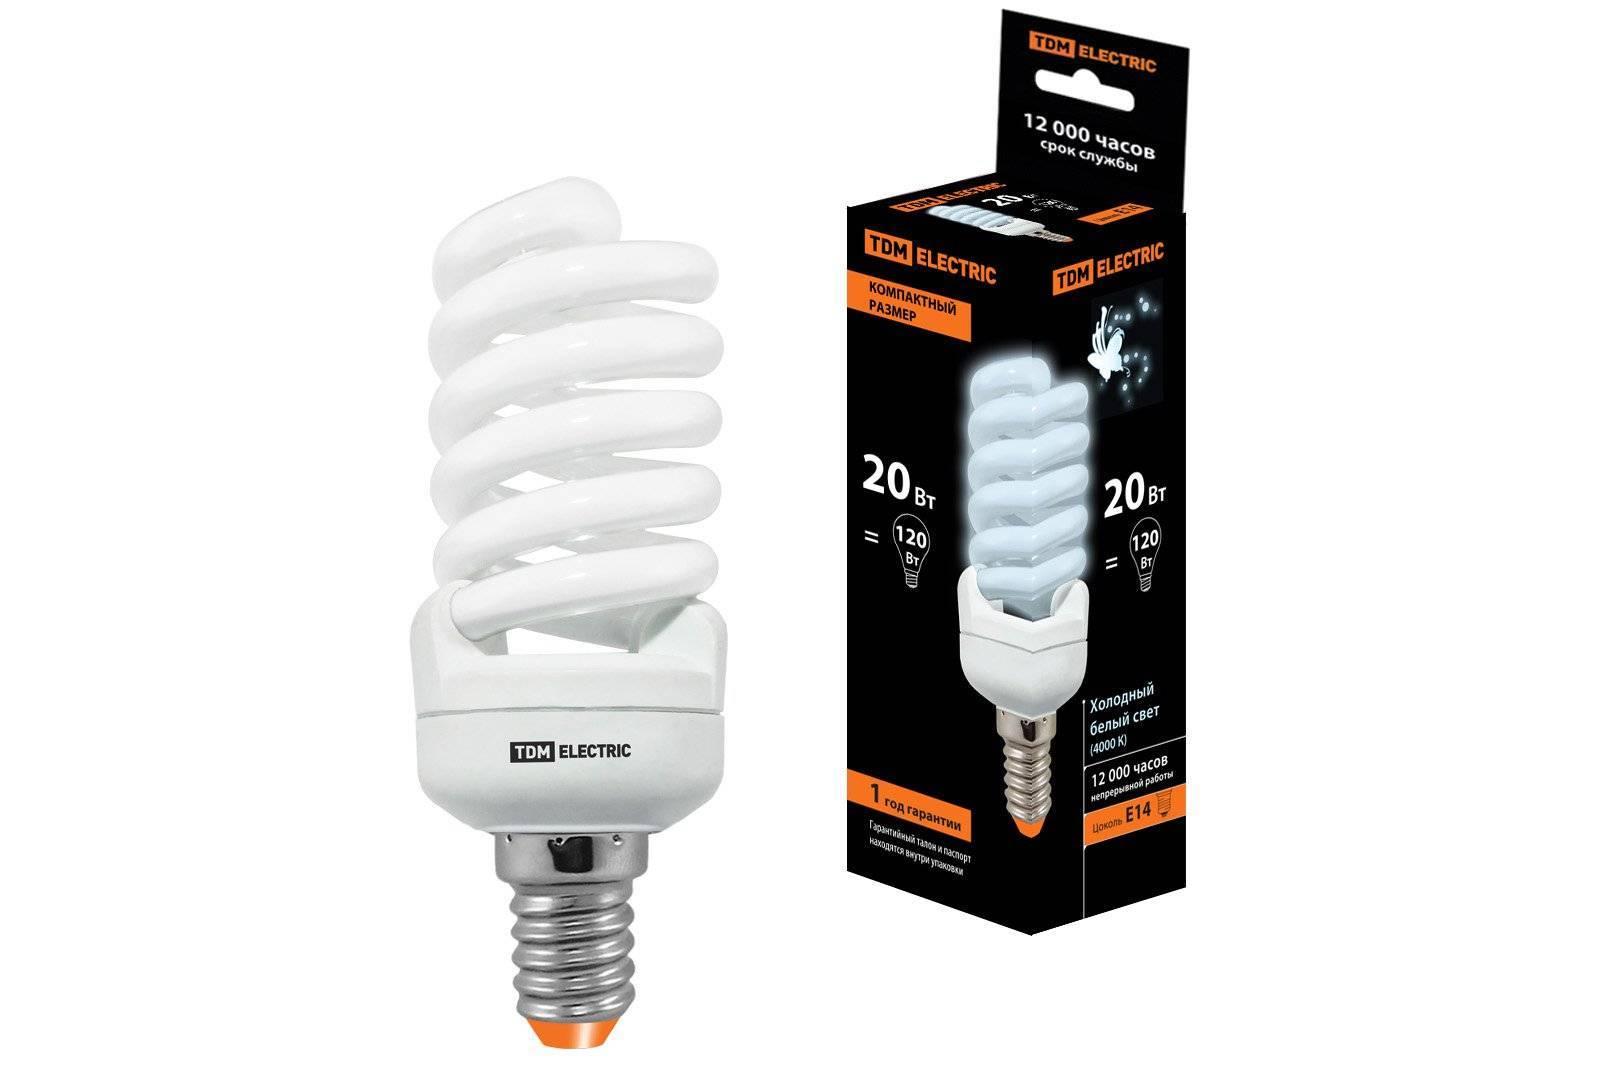 Рейтинг самых выгодных (цена/качество) ламп для домашнего использования